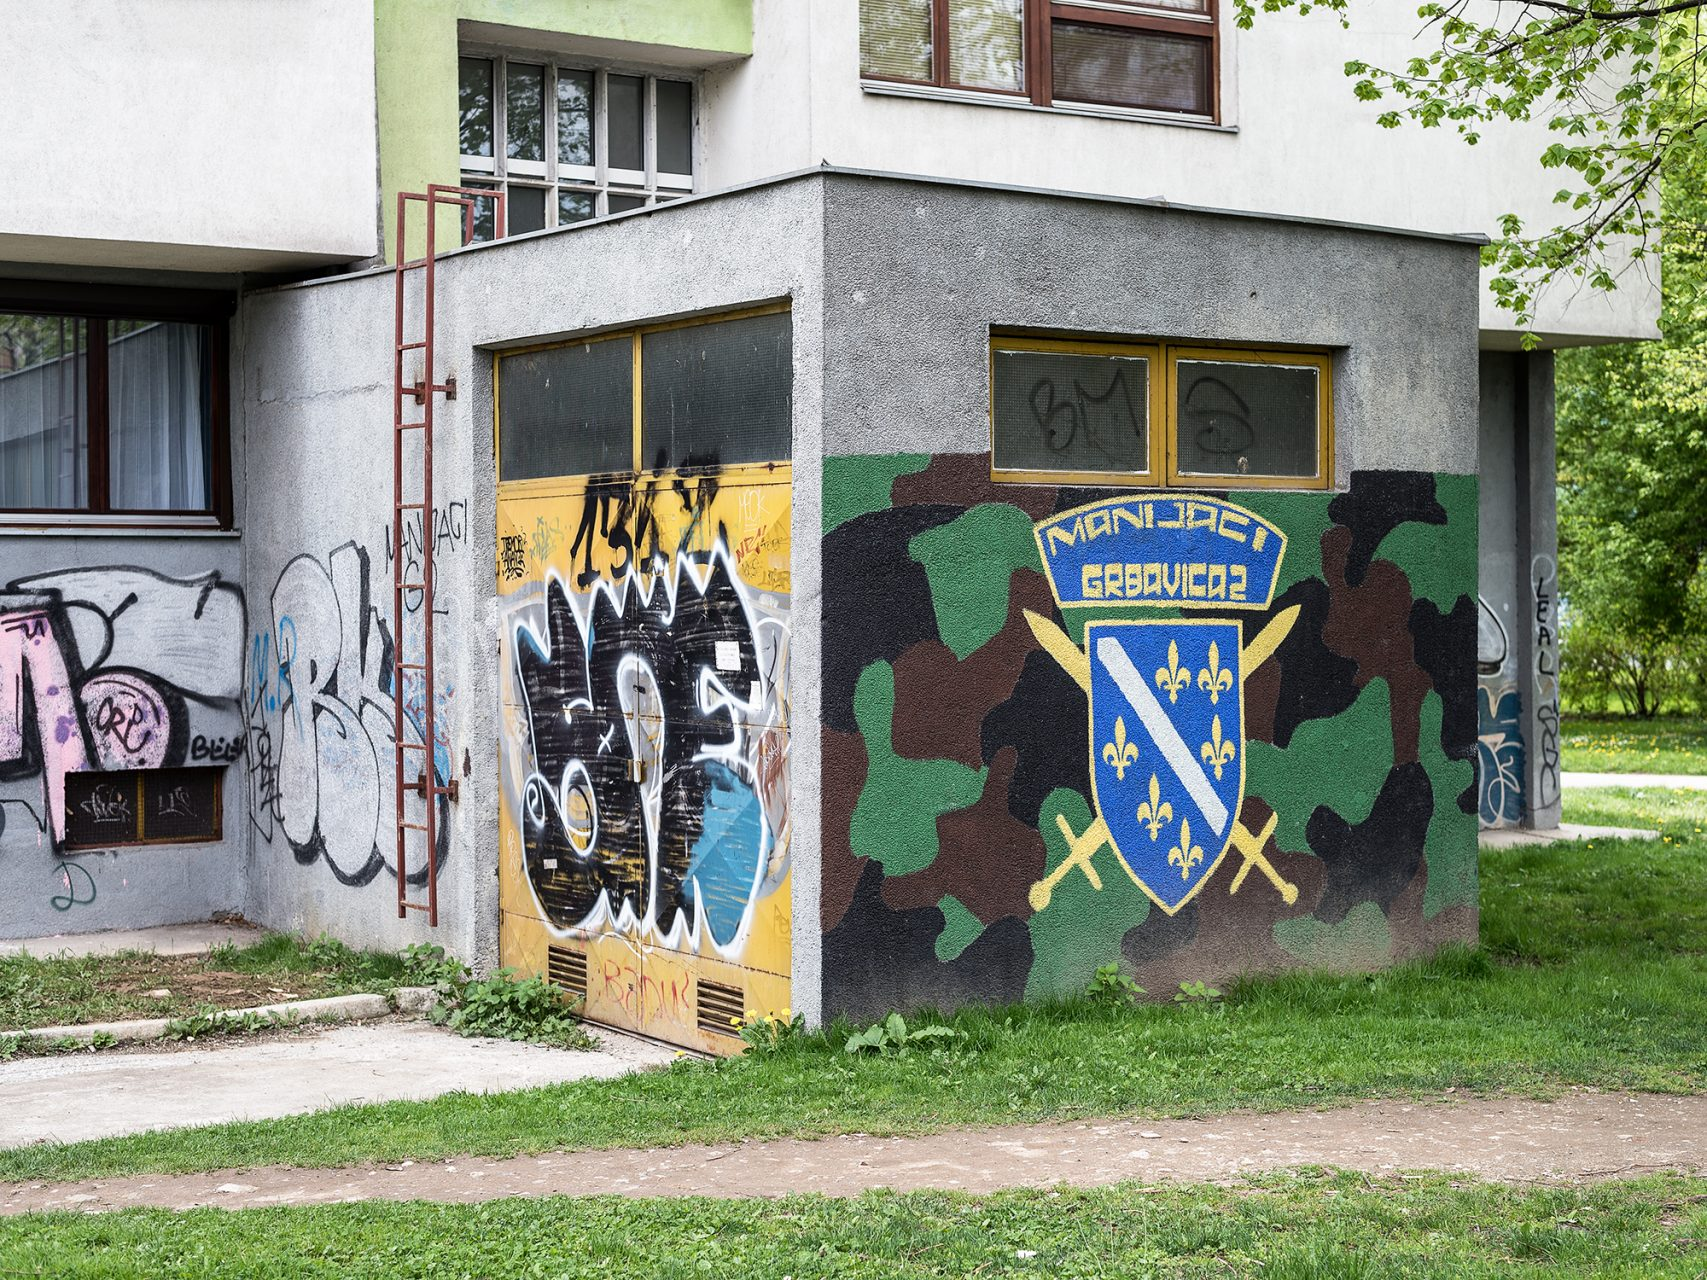 sarajevo_011_web